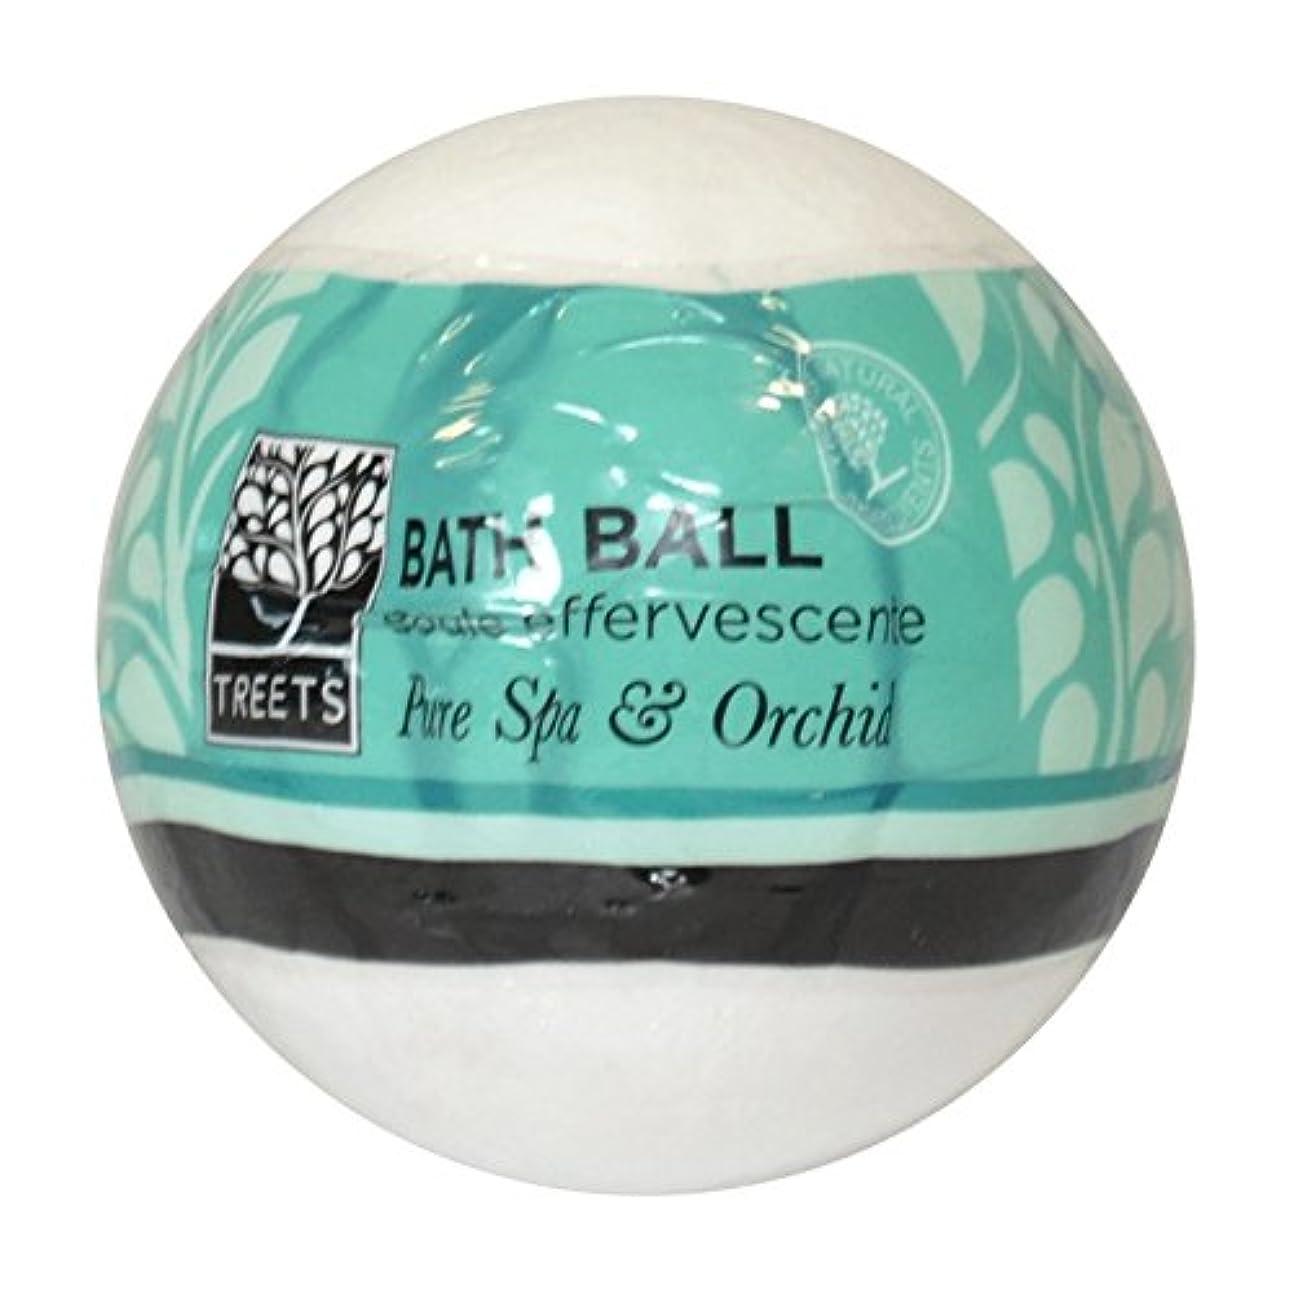 生じるピービッシュビームTreets蘭&純粋なスパバスボール - Treets Orchid & Pure Spa Bath Ball (Treets) [並行輸入品]